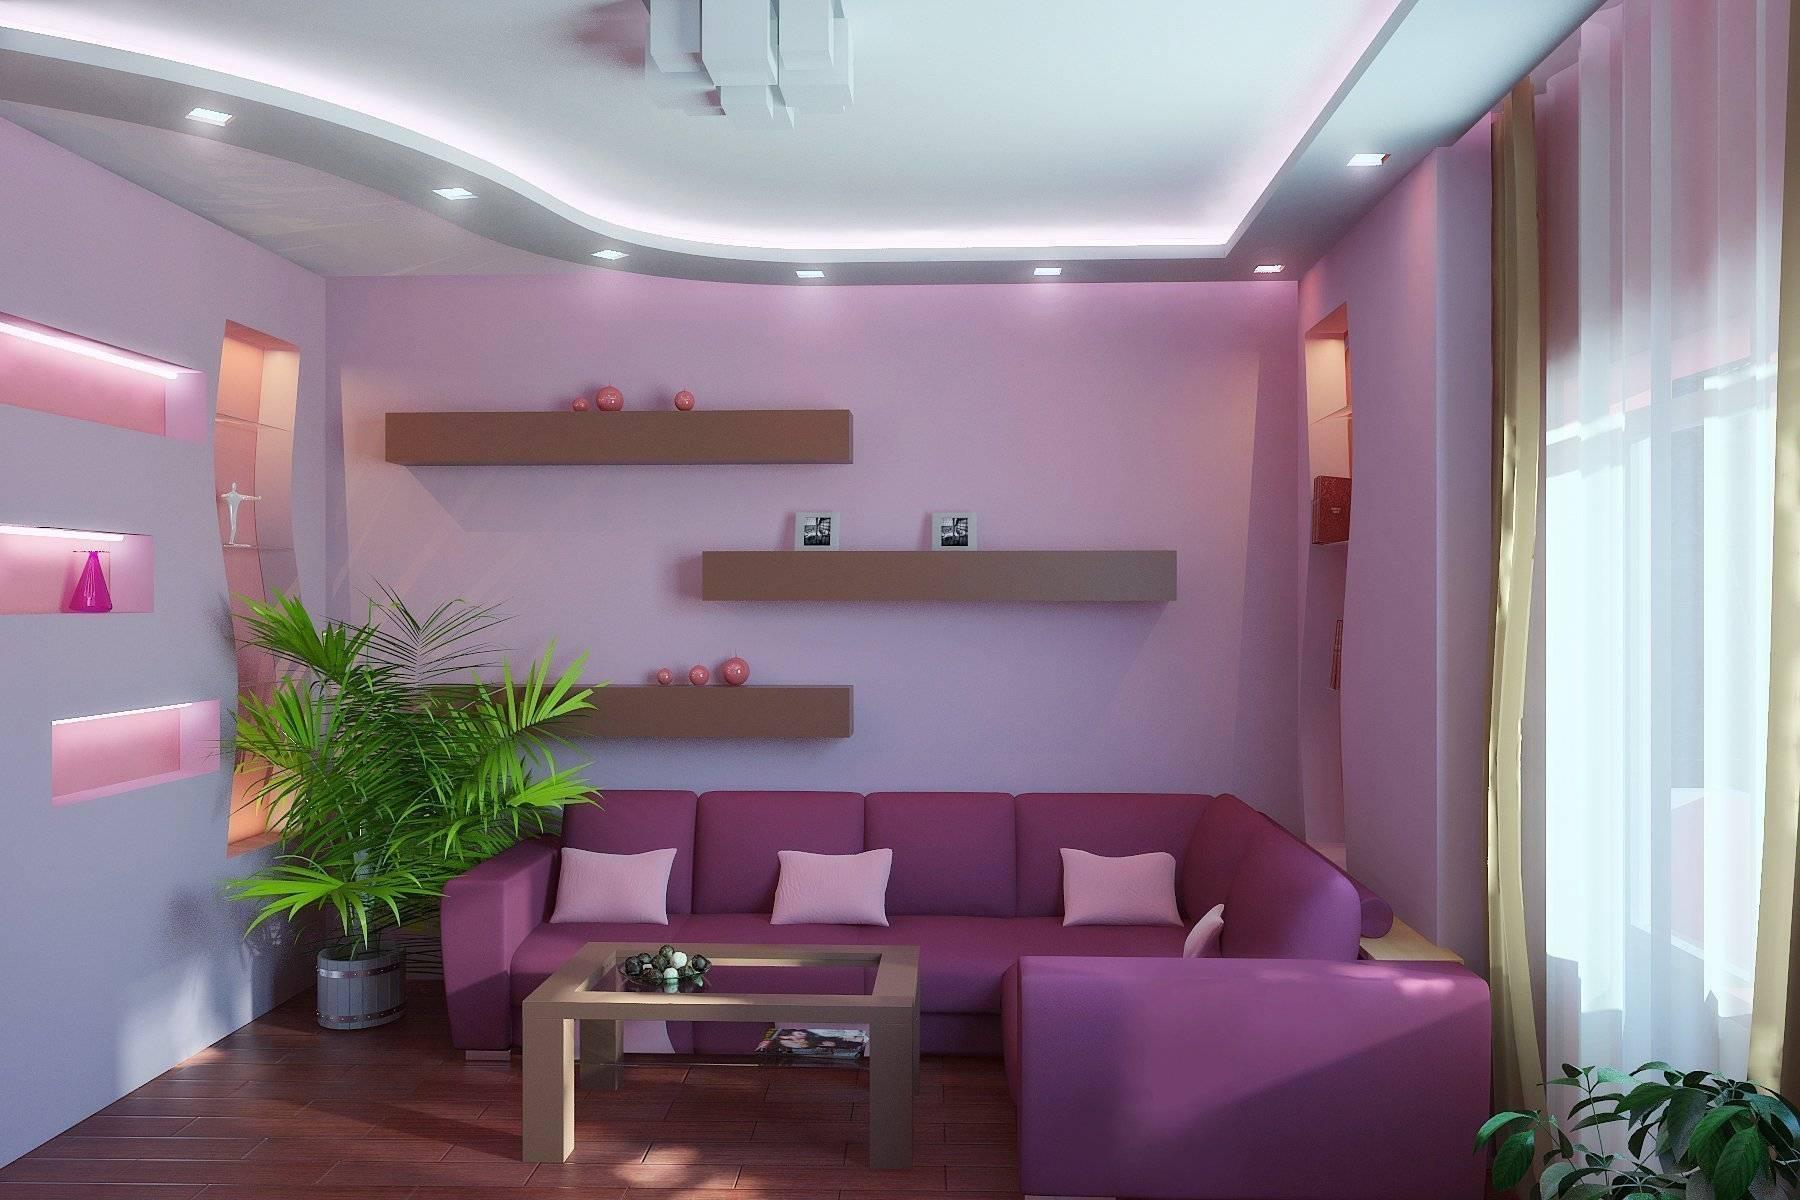 Оформление интерьера в лавандовом цвете: 55+ лучших фото и идей дизайна